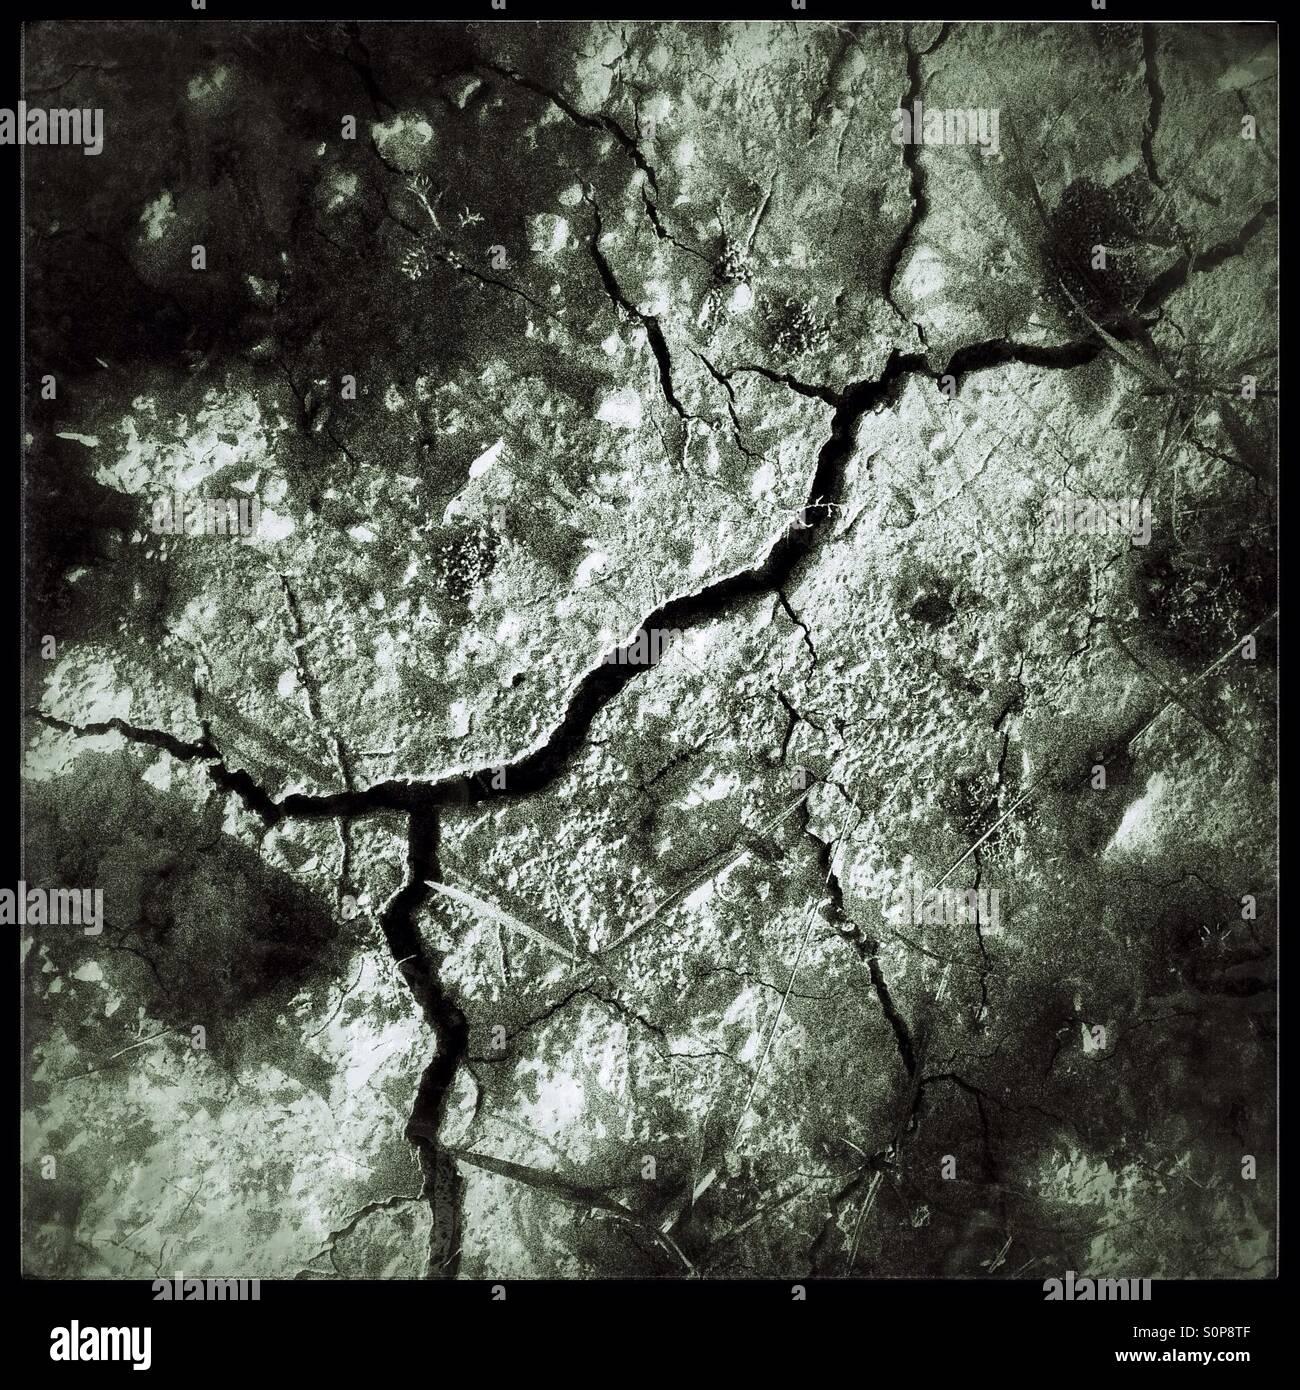 Neues Leben nach der Dürre, Katalonien, Spanien. Stockbild